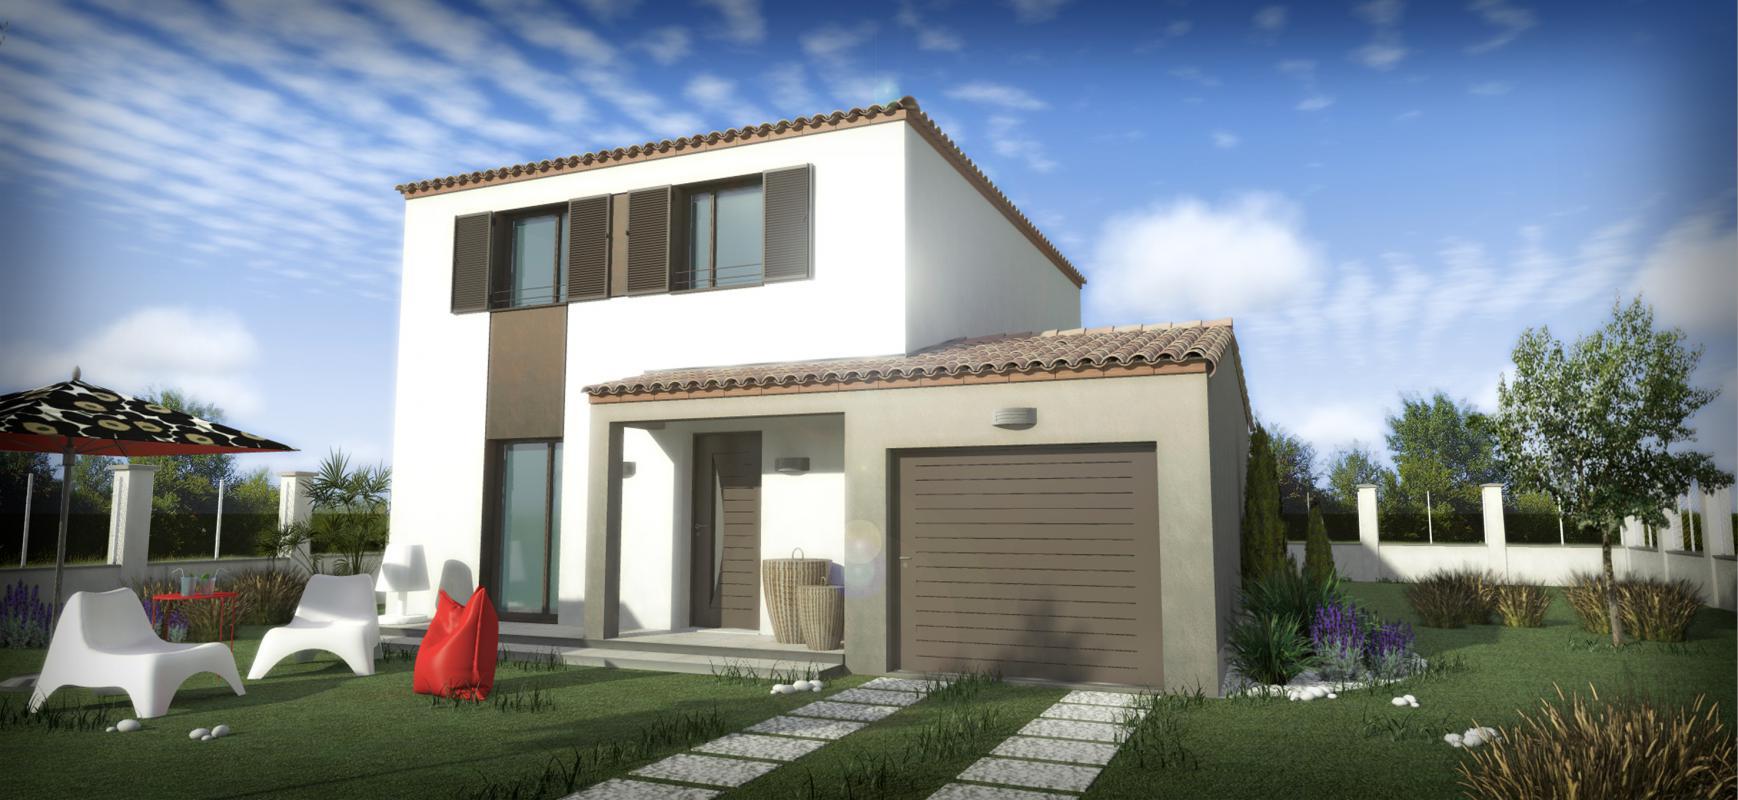 Maisons + Terrains du constructeur SM 11 • 85 m² • MURVIEL LES BEZIERS